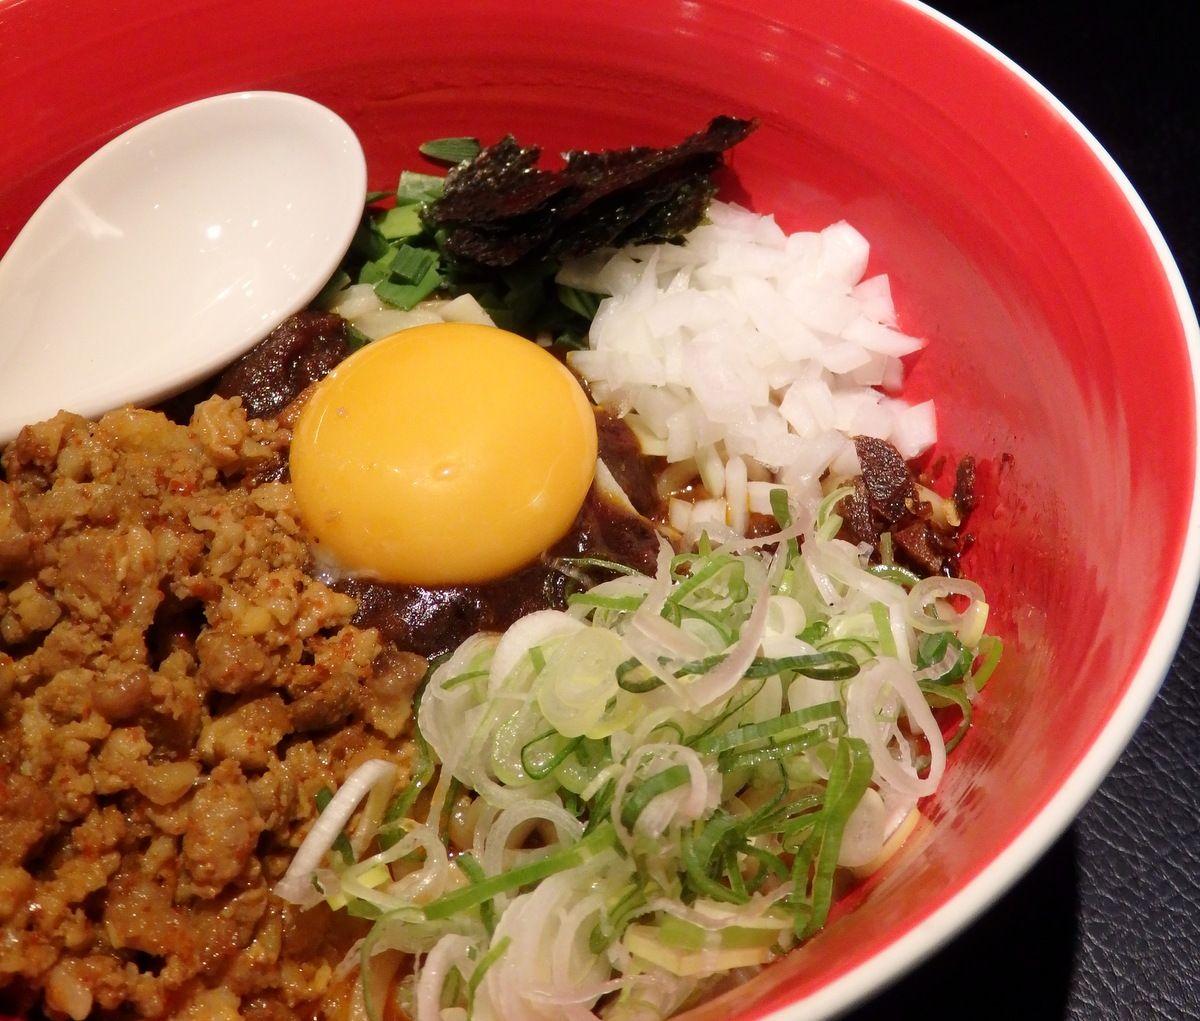 味噌ラーメンだけじゃない!進化系麺5選で札幌のNEW麺ウェーブを体感せよ